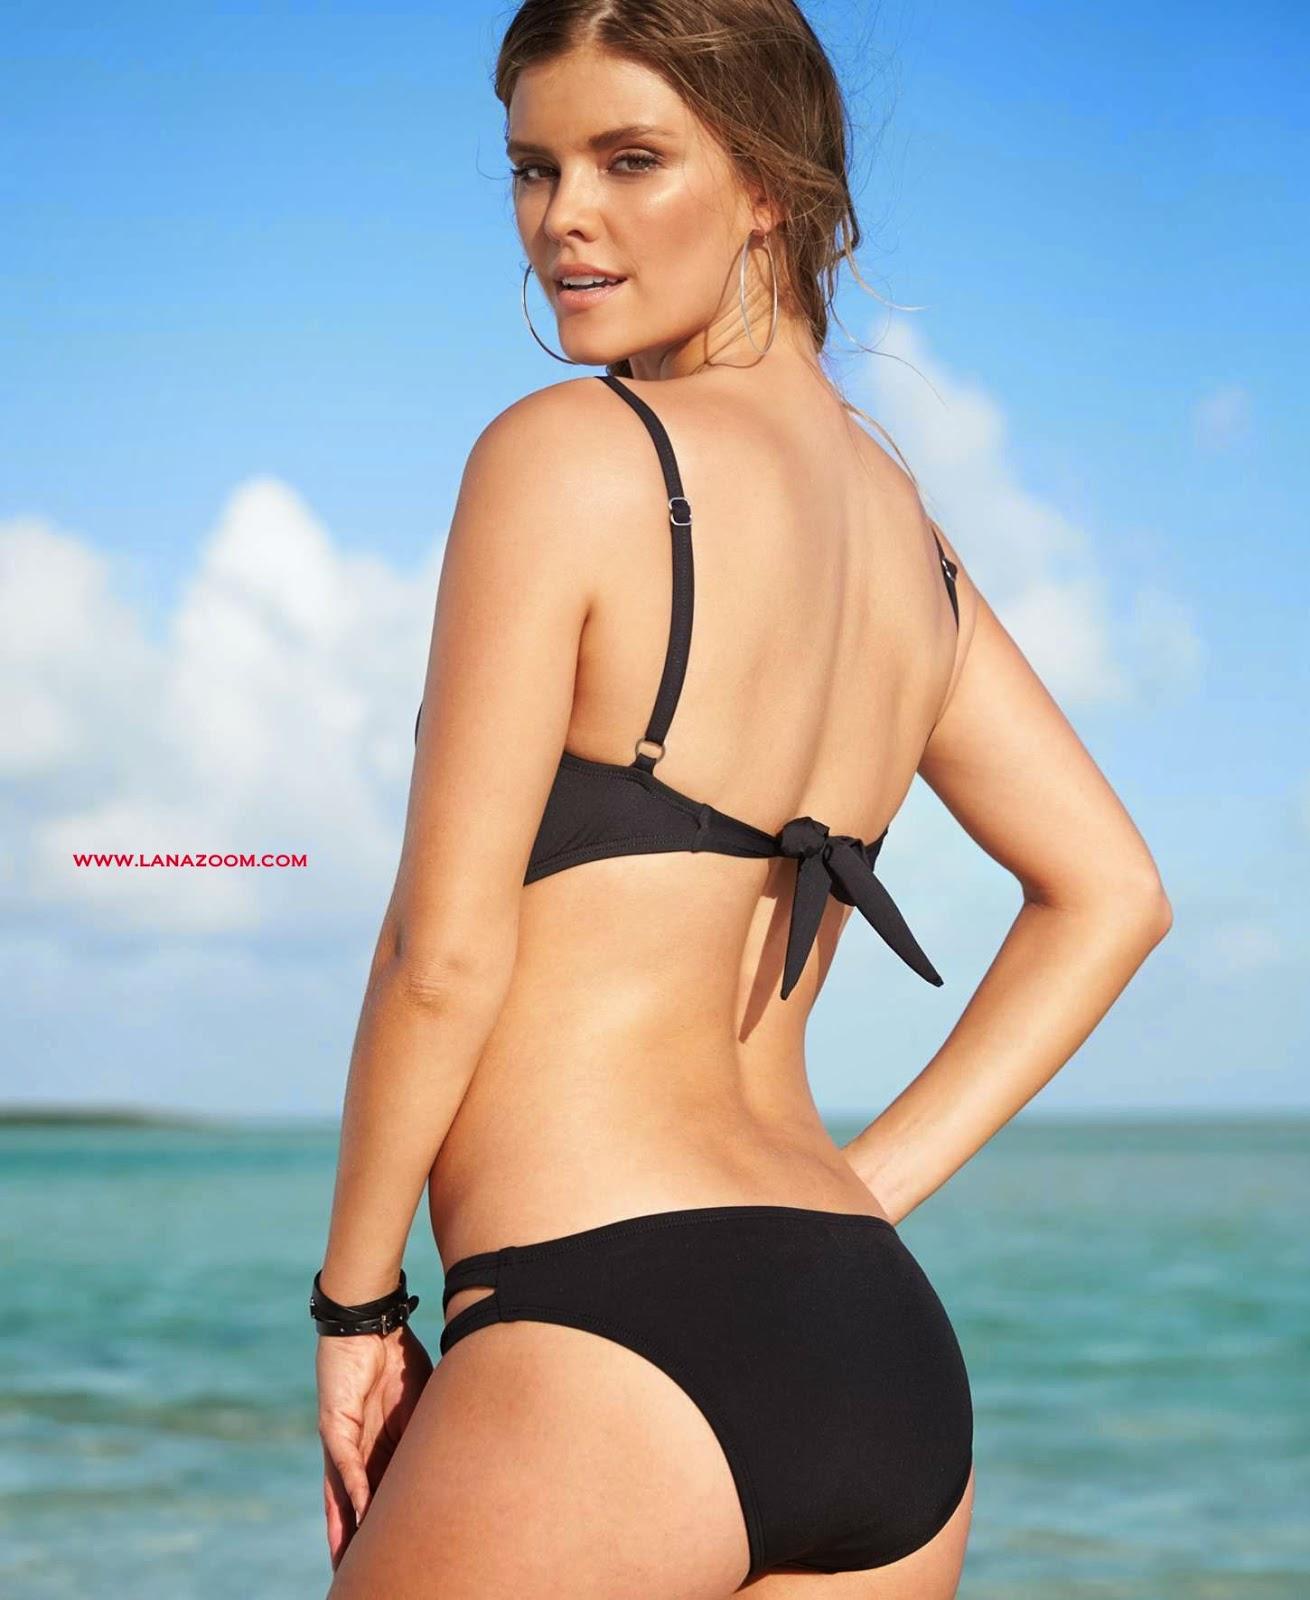 عارضة الازياء نينا أكدال في صور بملابس السباحة 2015